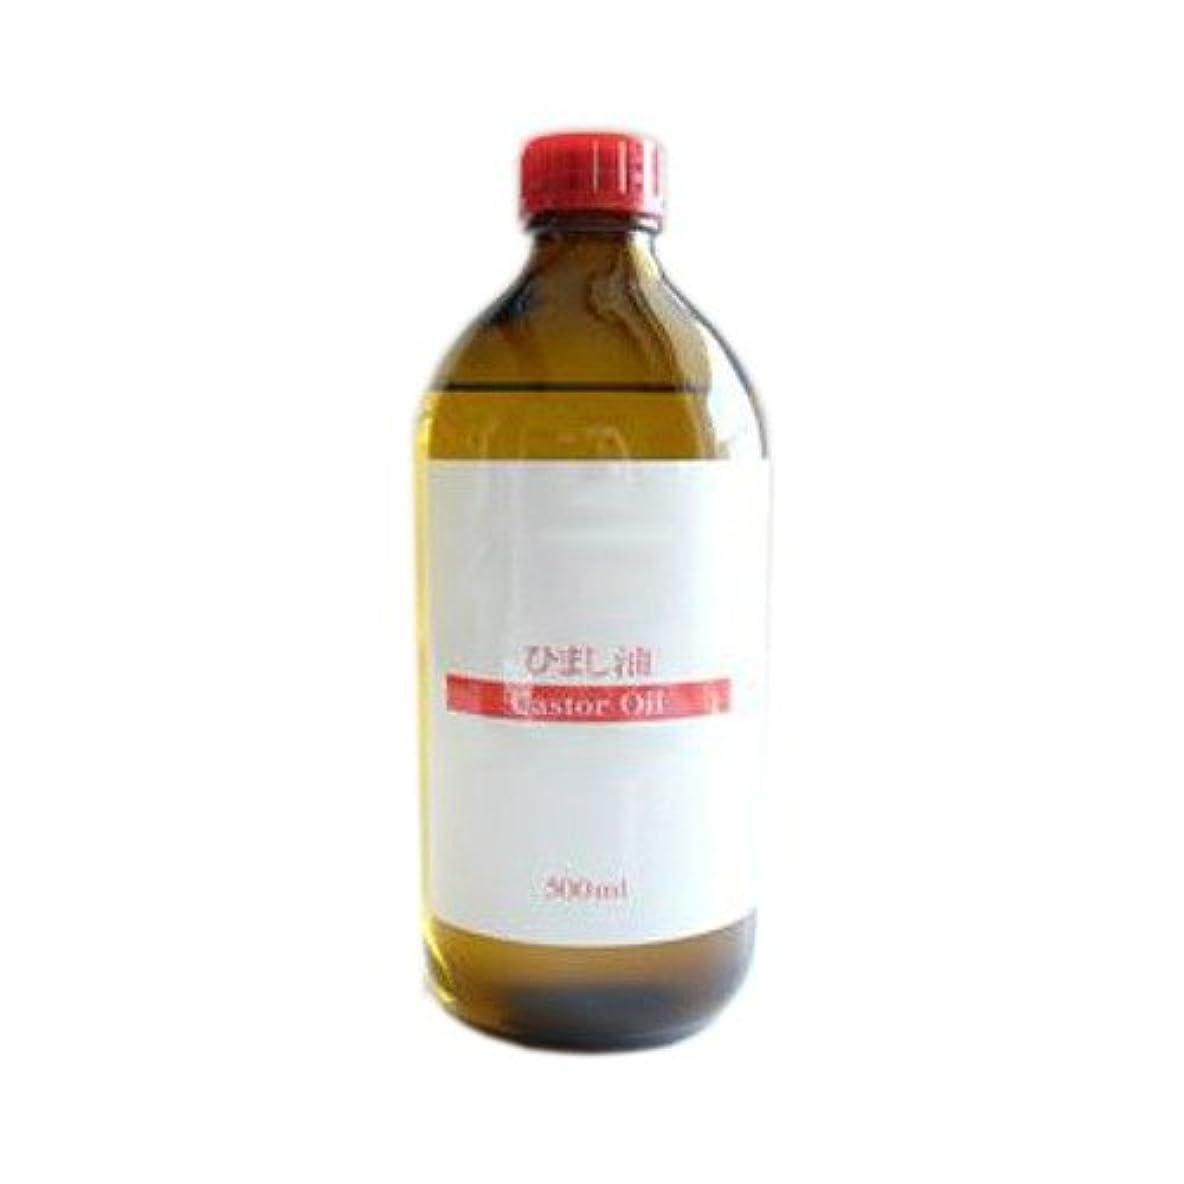 防水滅びる話をするひまし油 (キャスターオイル) 500ml